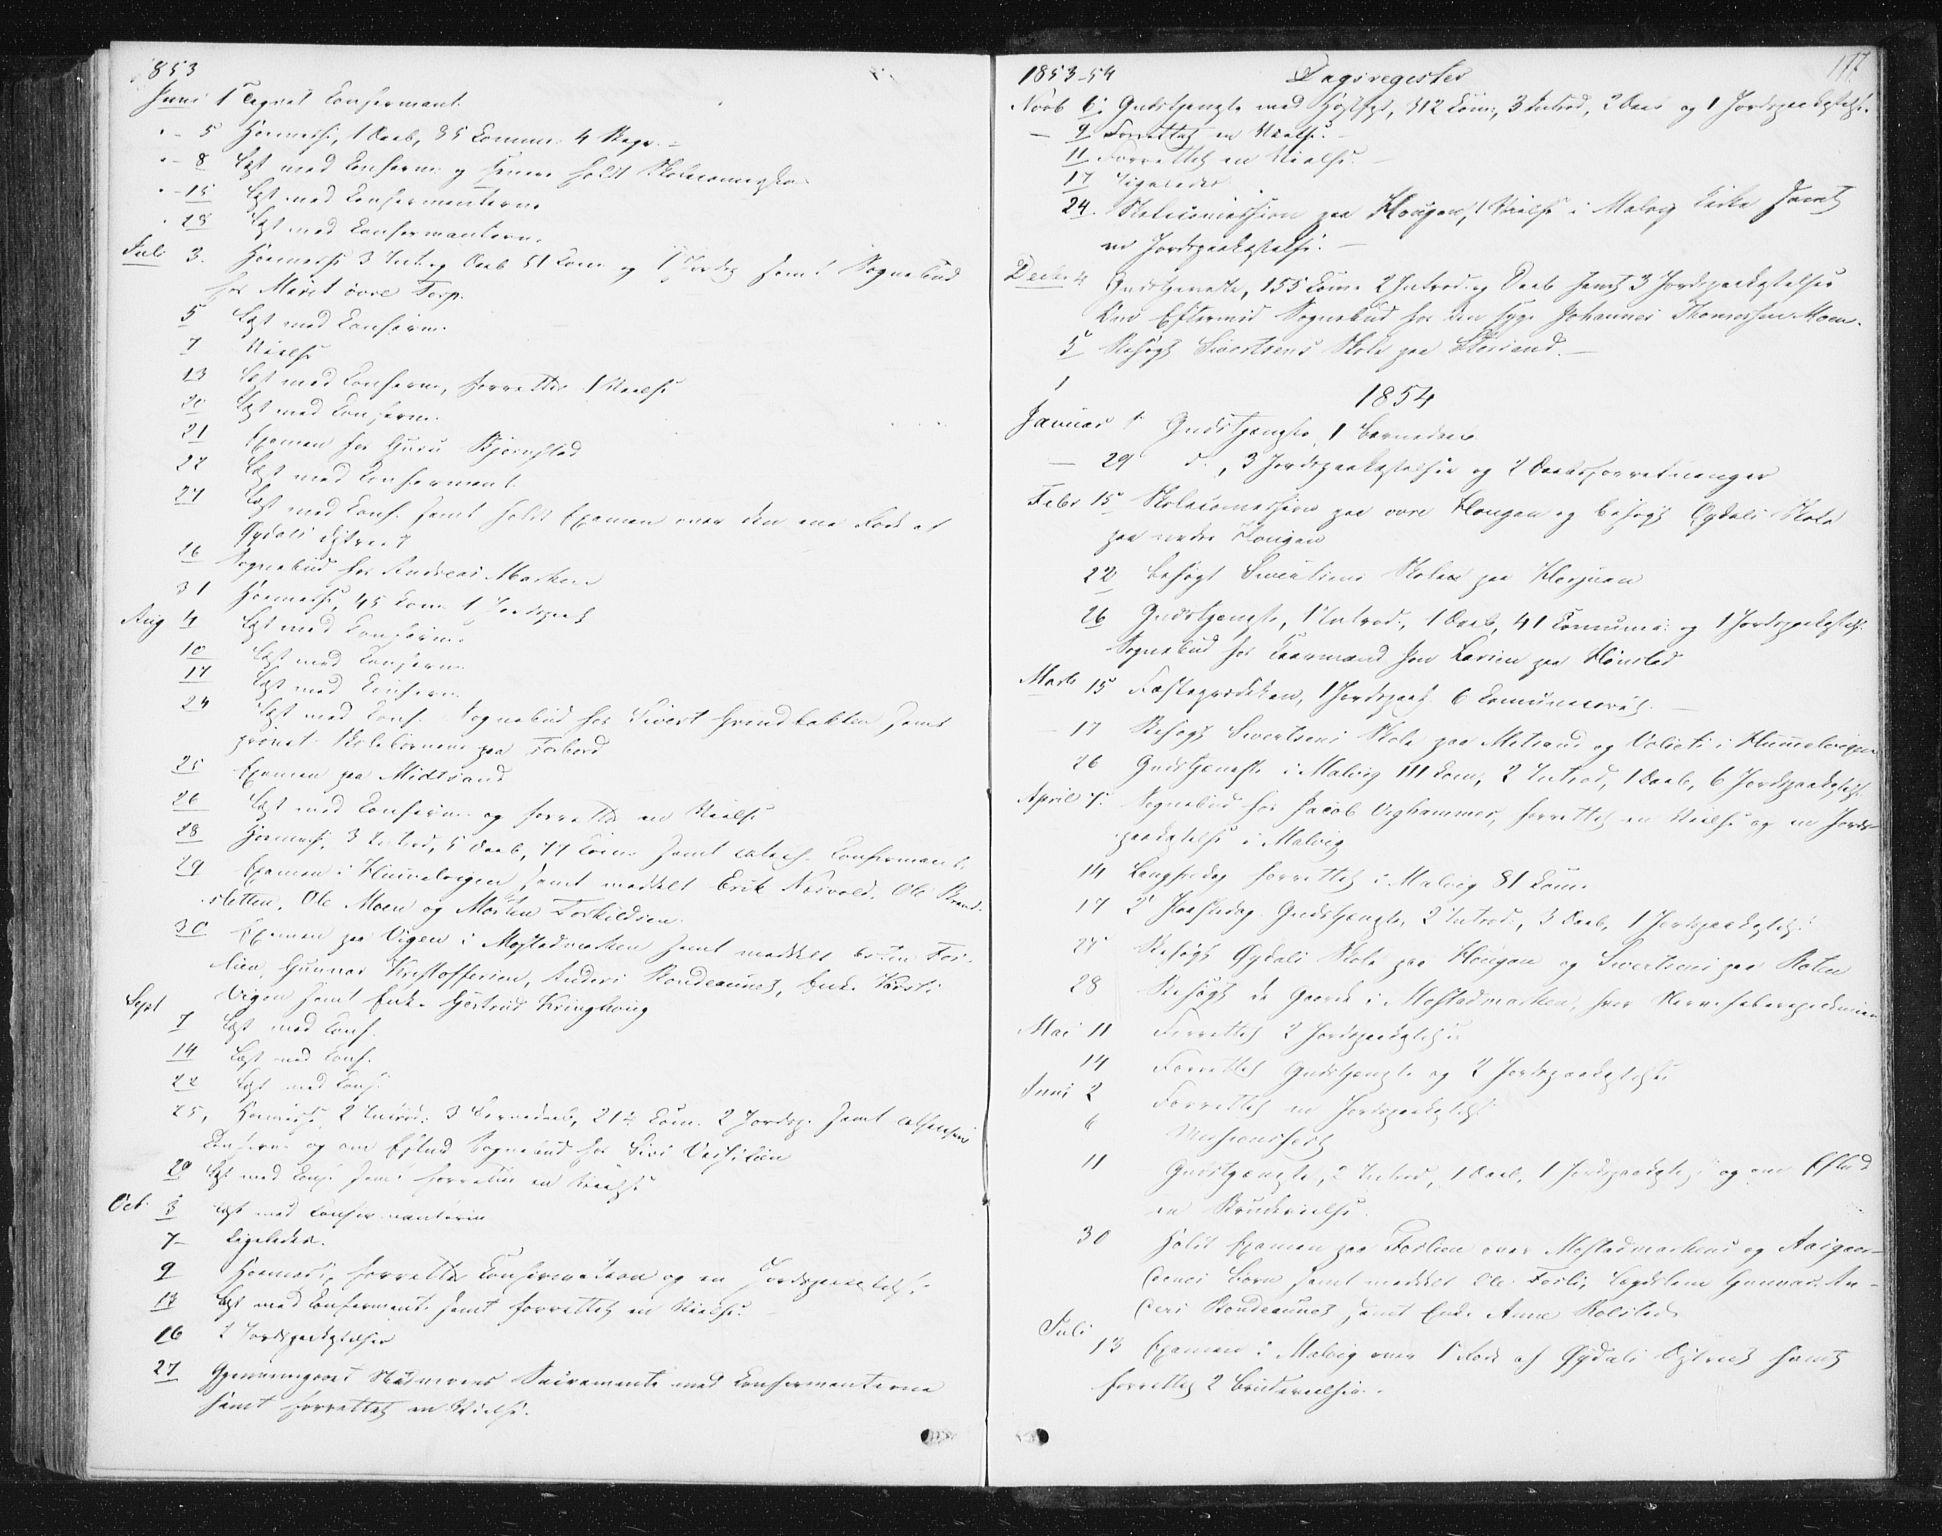 SAT, Ministerialprotokoller, klokkerbøker og fødselsregistre - Sør-Trøndelag, 616/L0407: Ministerialbok nr. 616A04, 1848-1856, s. 177